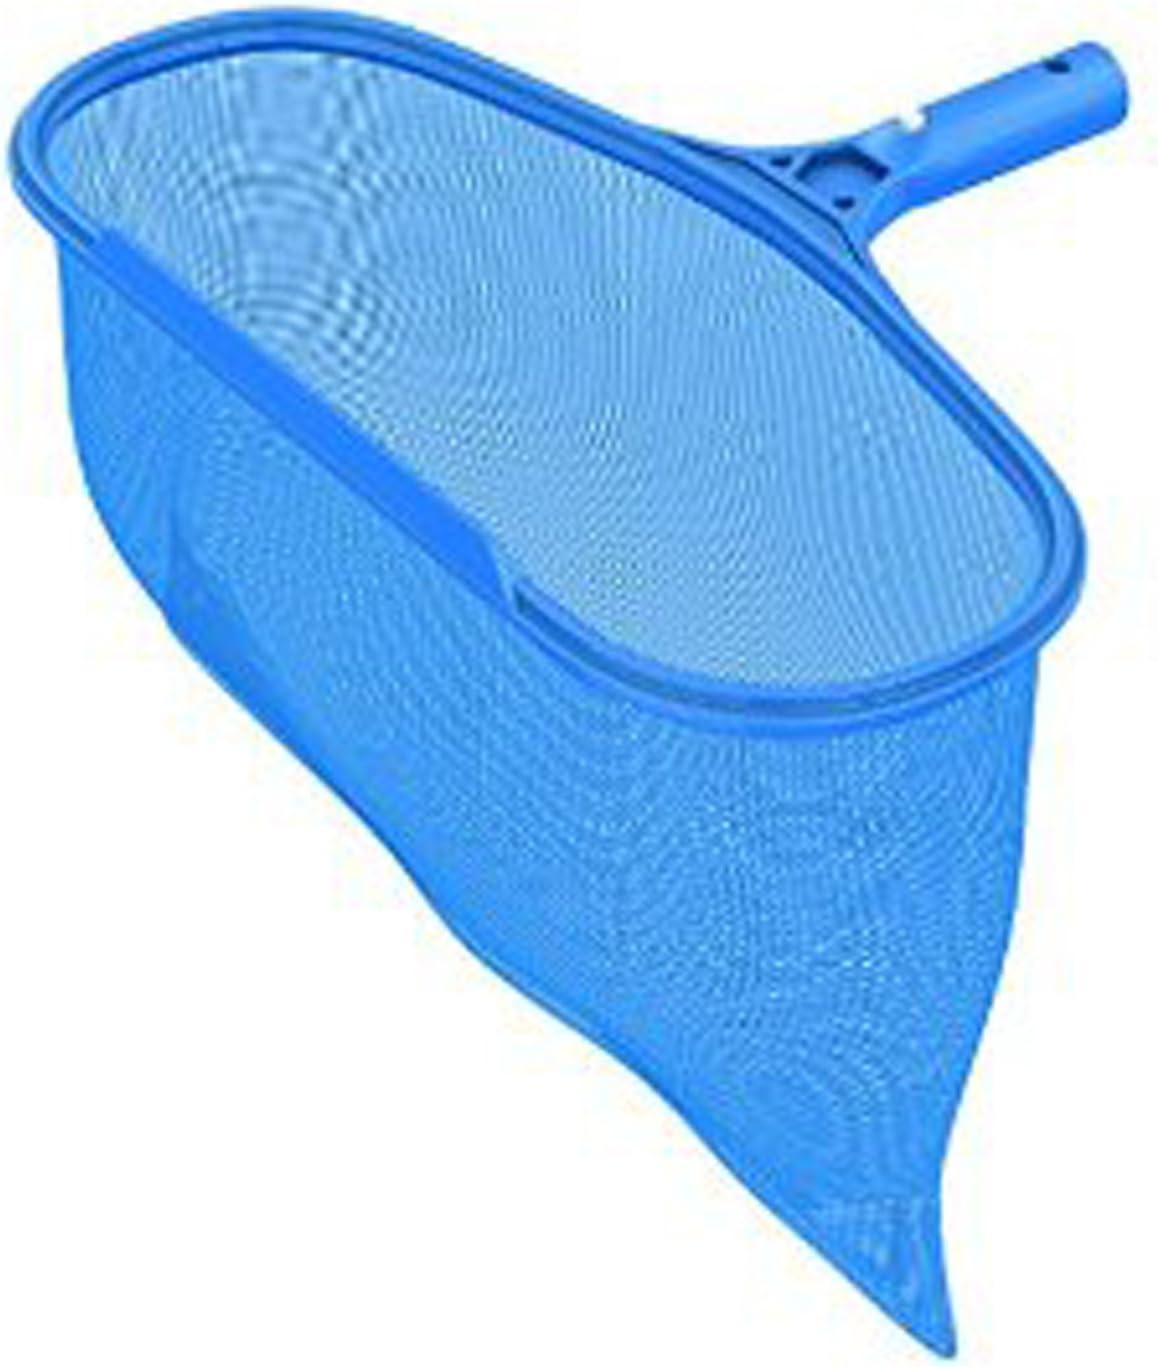 VABNEER Recoge Hojas Recogehojas para Piscinas Pool Net Leaf Skimmer (No Incluye el Mango)